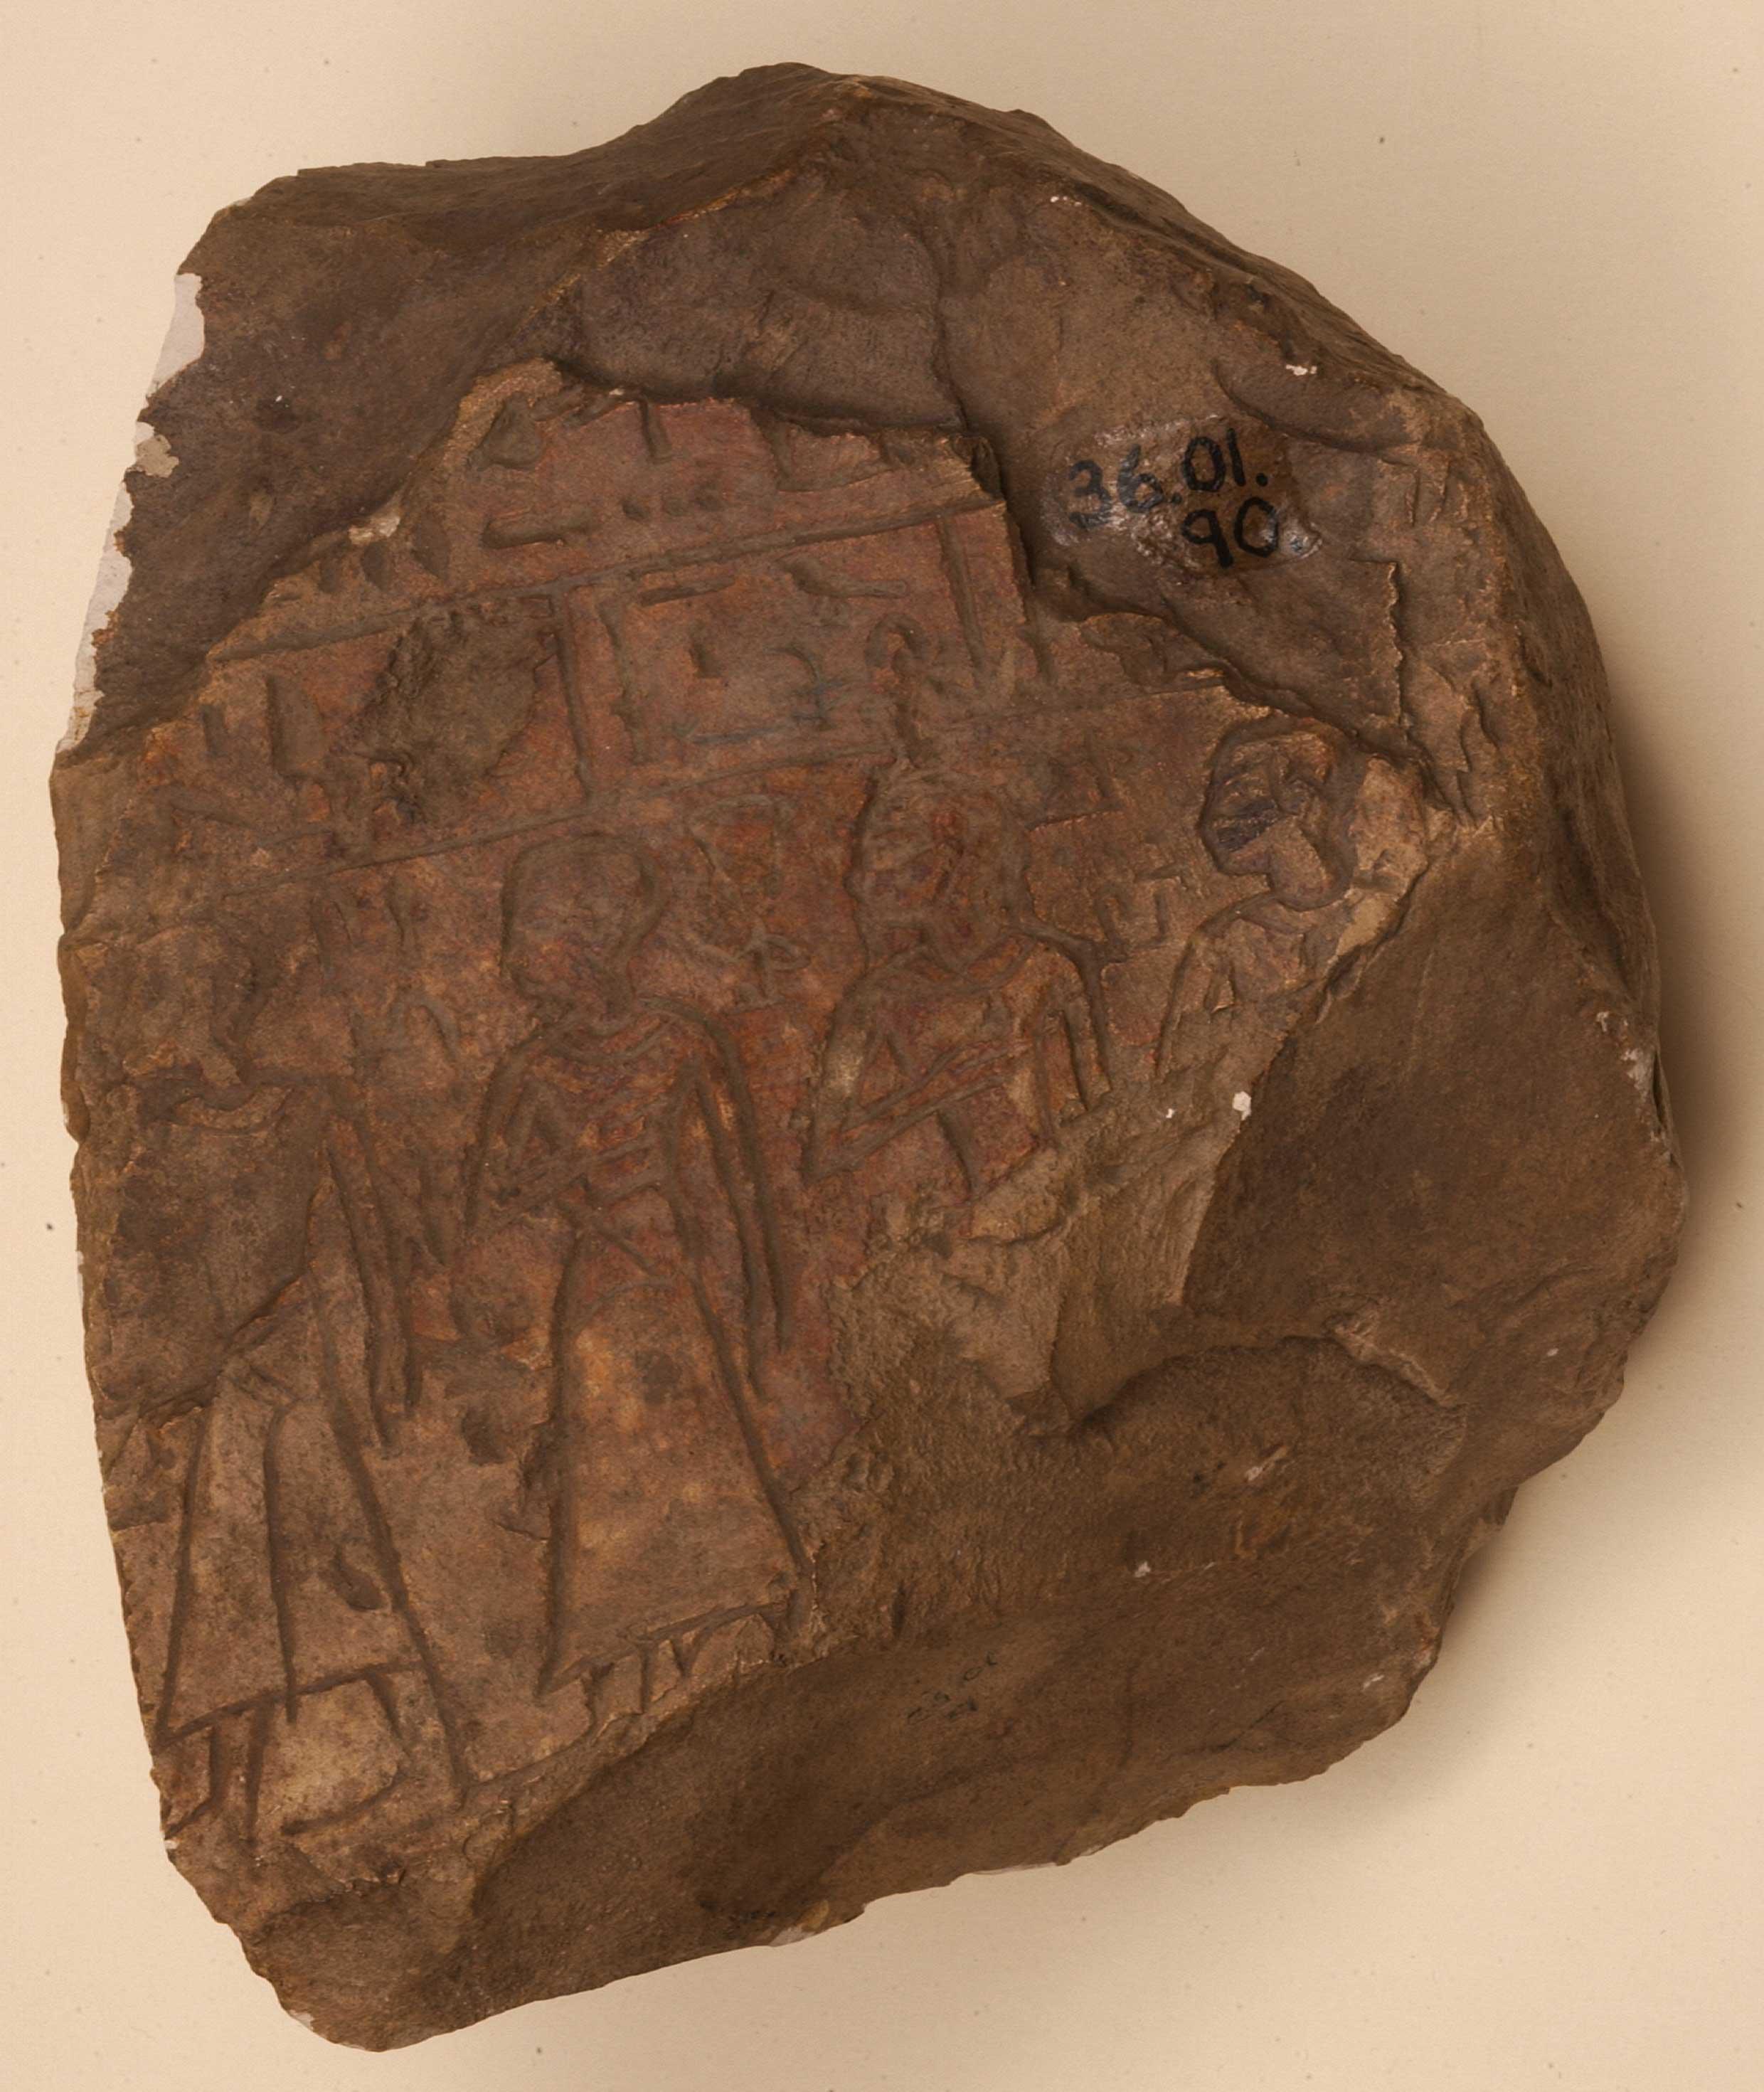 Stela fragment